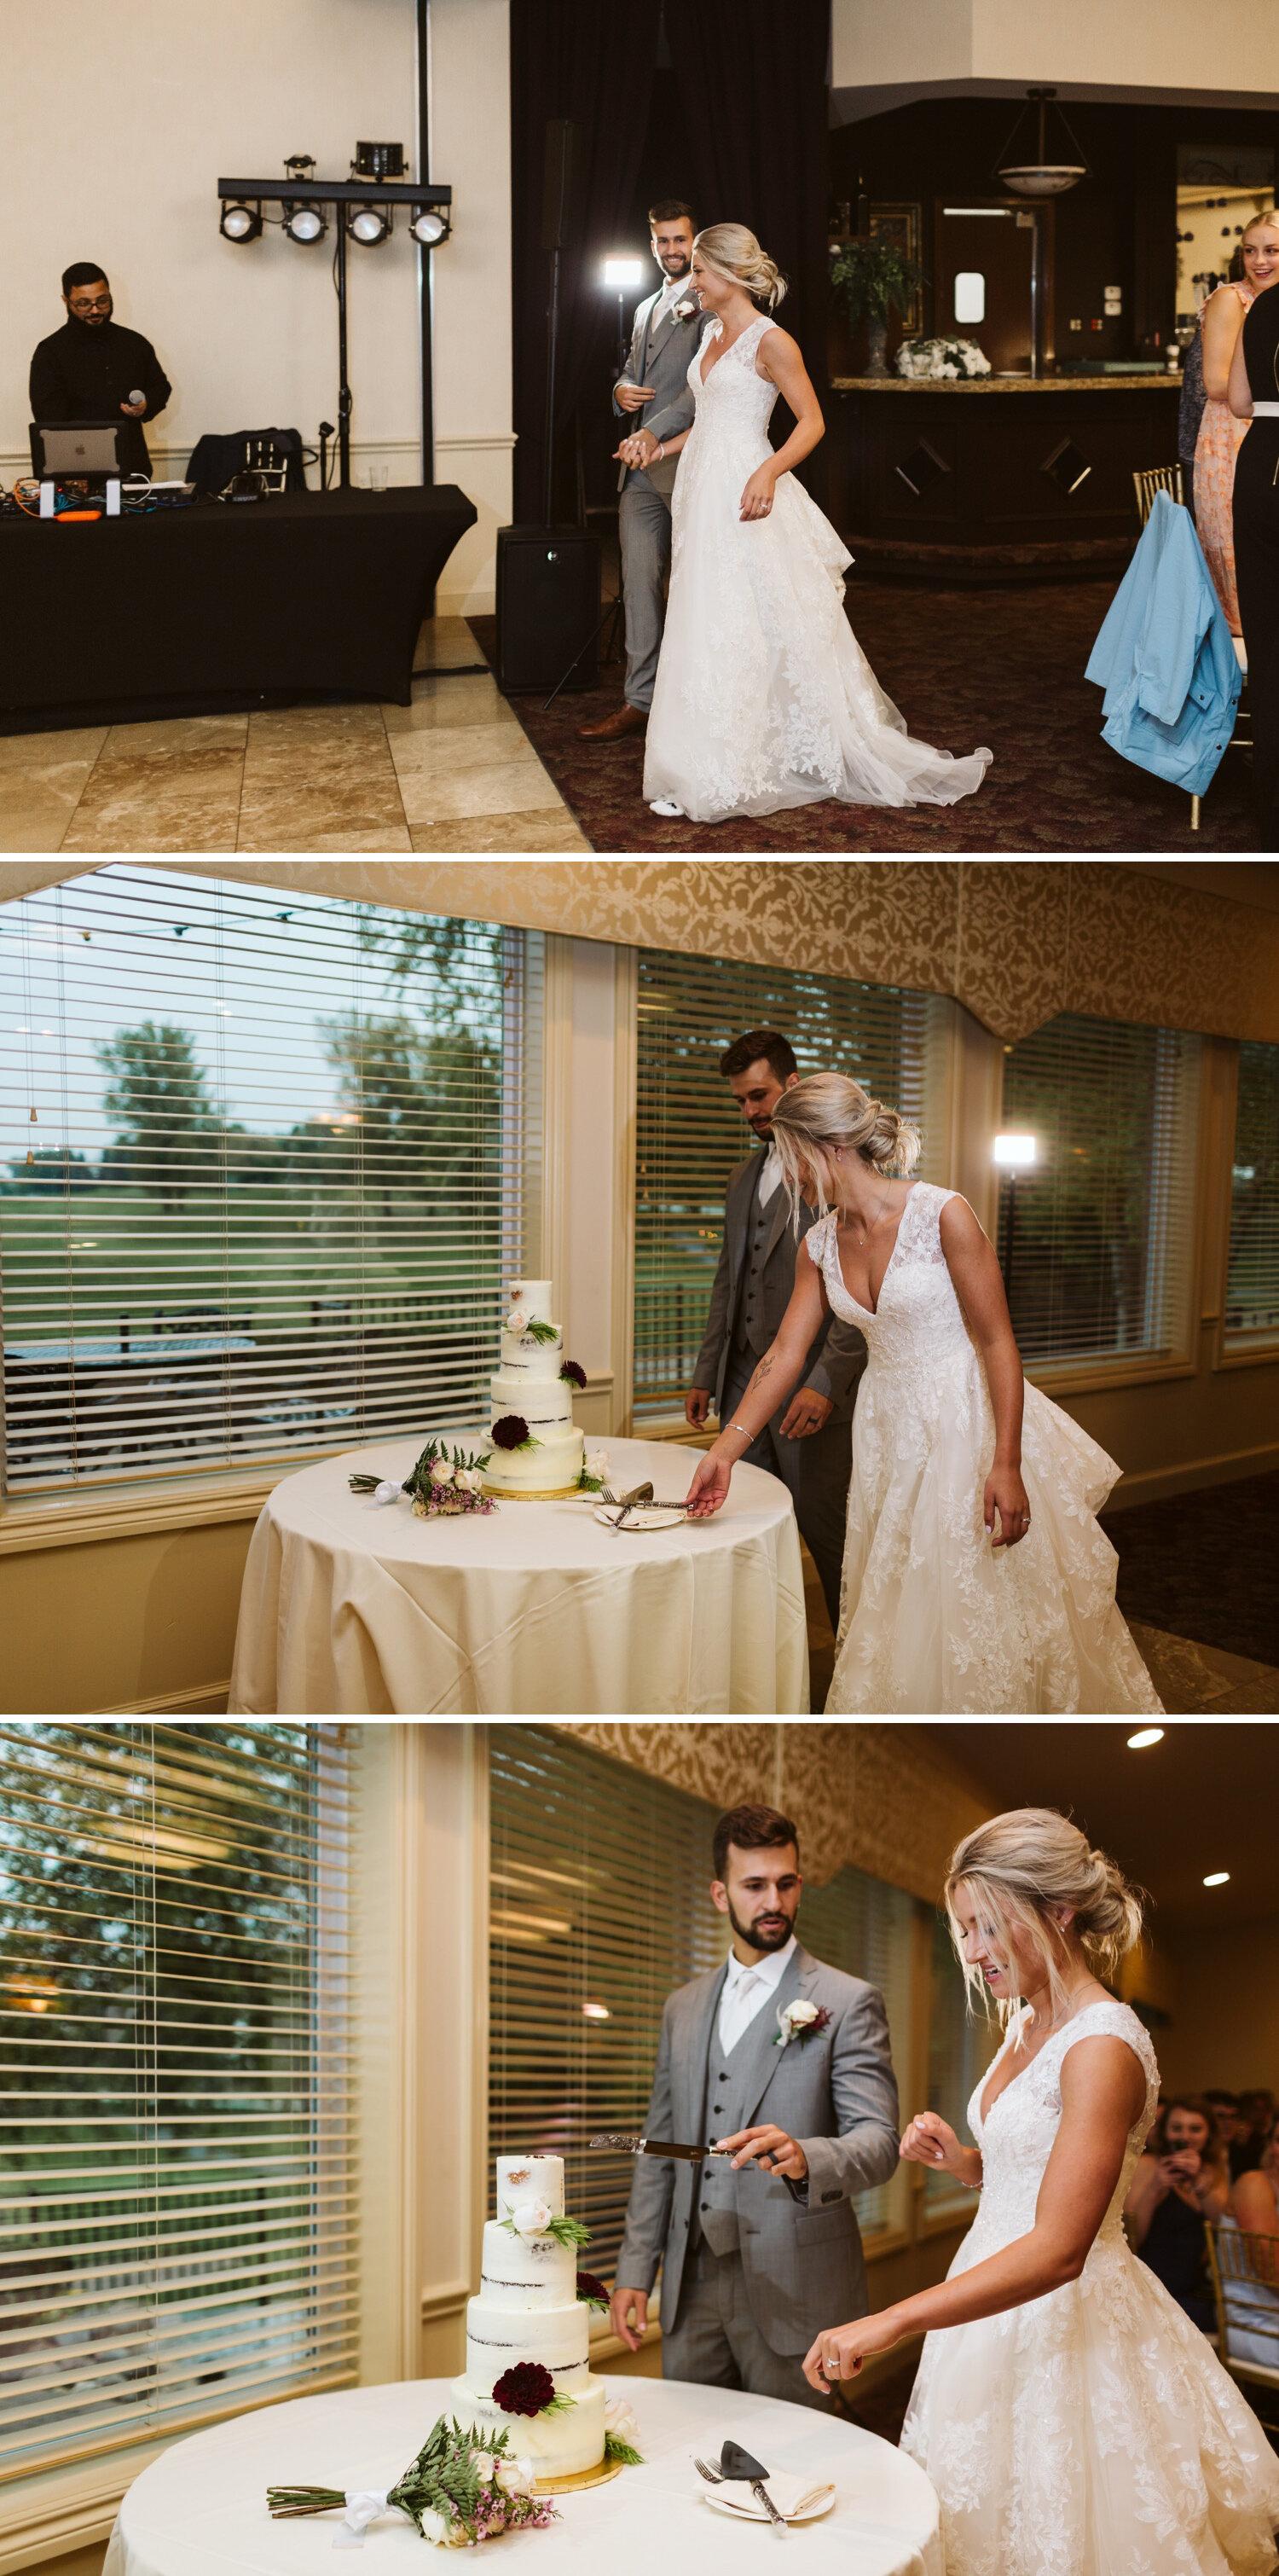 Bride and groom reception photos